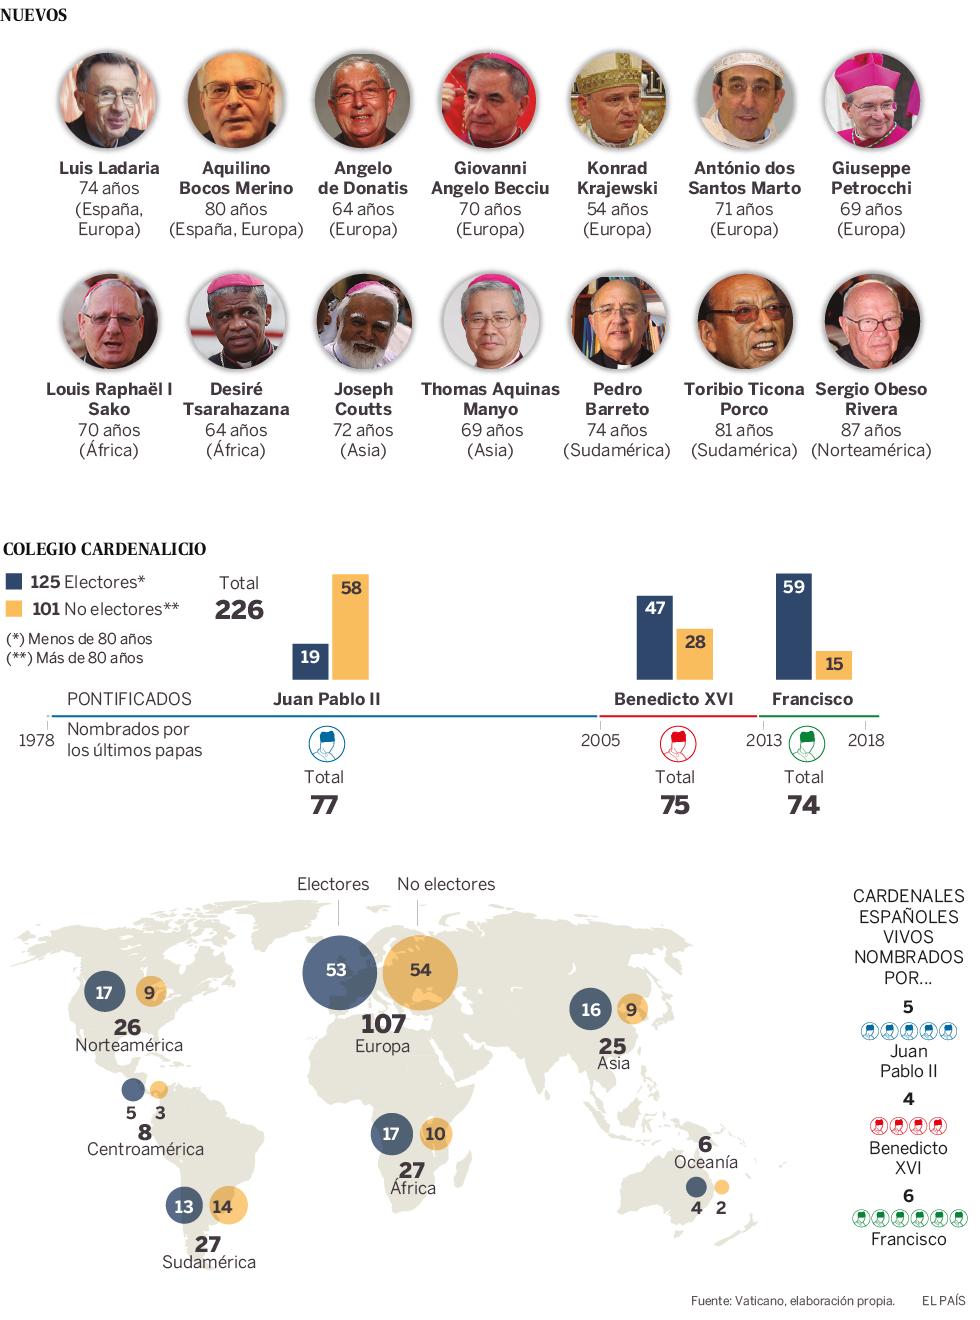 Católico materialismo. Religión e intereses económicos  y  capitalistas - Página 11 1530178753_043596_1530189570_noticia_normal